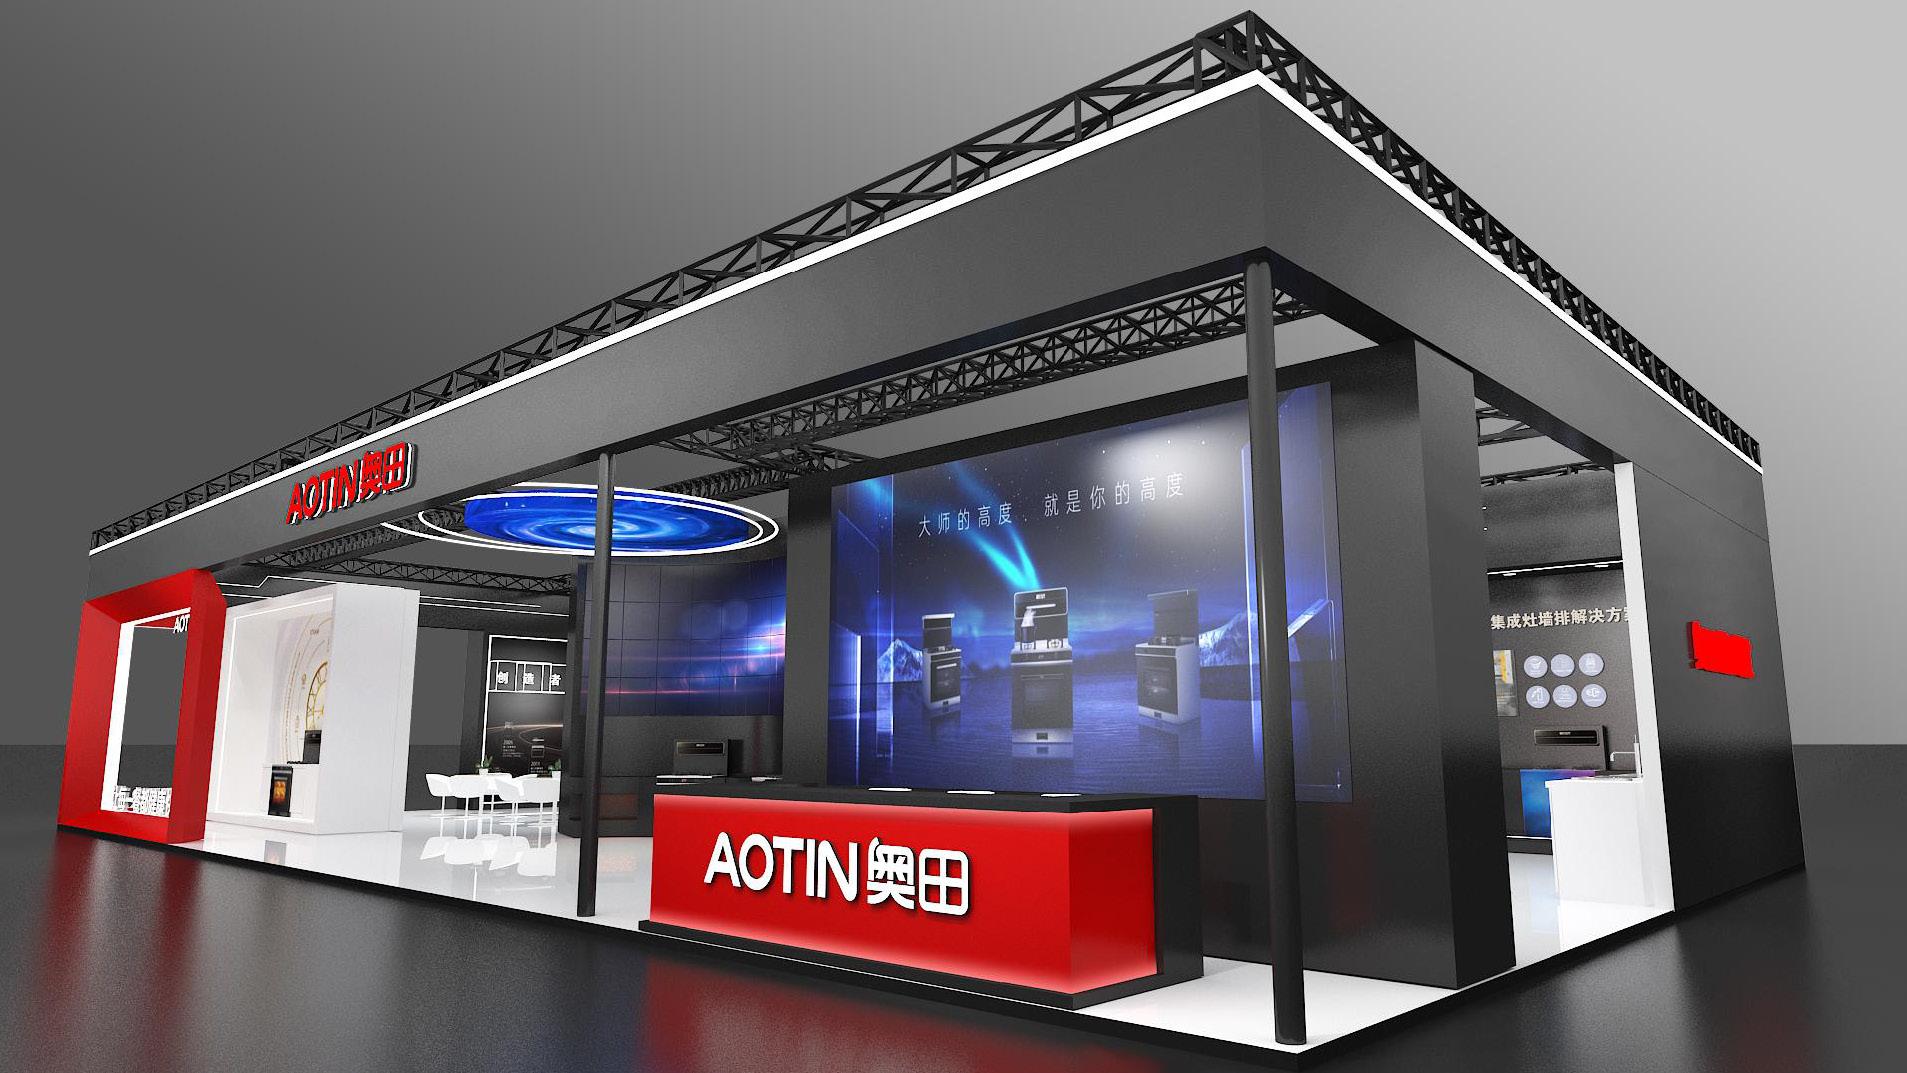 重磅预告丨奥田将携高端新品亮相广州建博会,诠释未来厨房新风尚